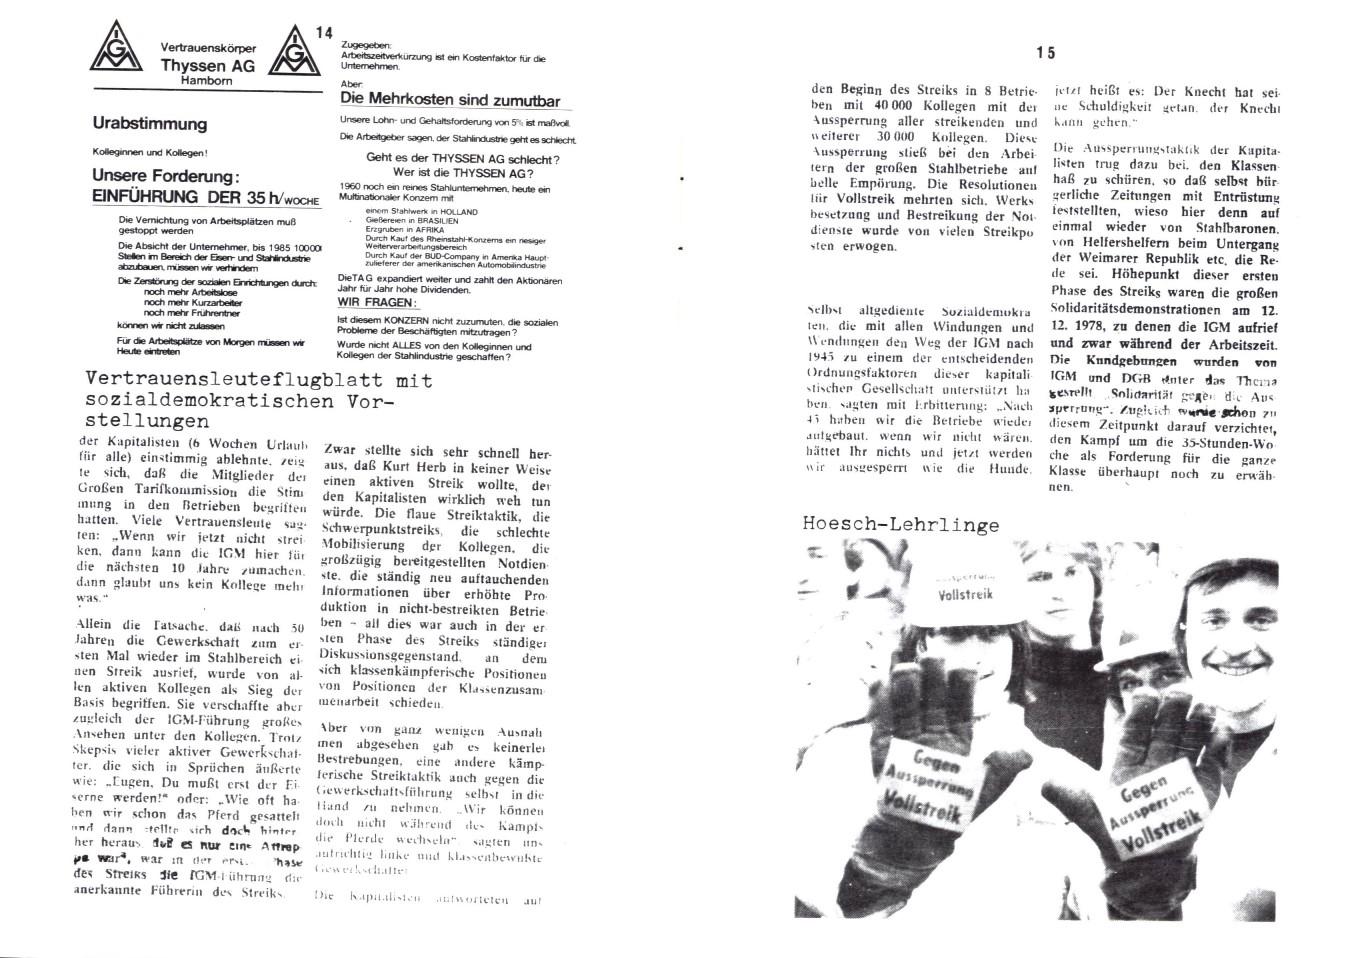 KPDAO_1979_Streik_in_der_Stahlindustrie_09